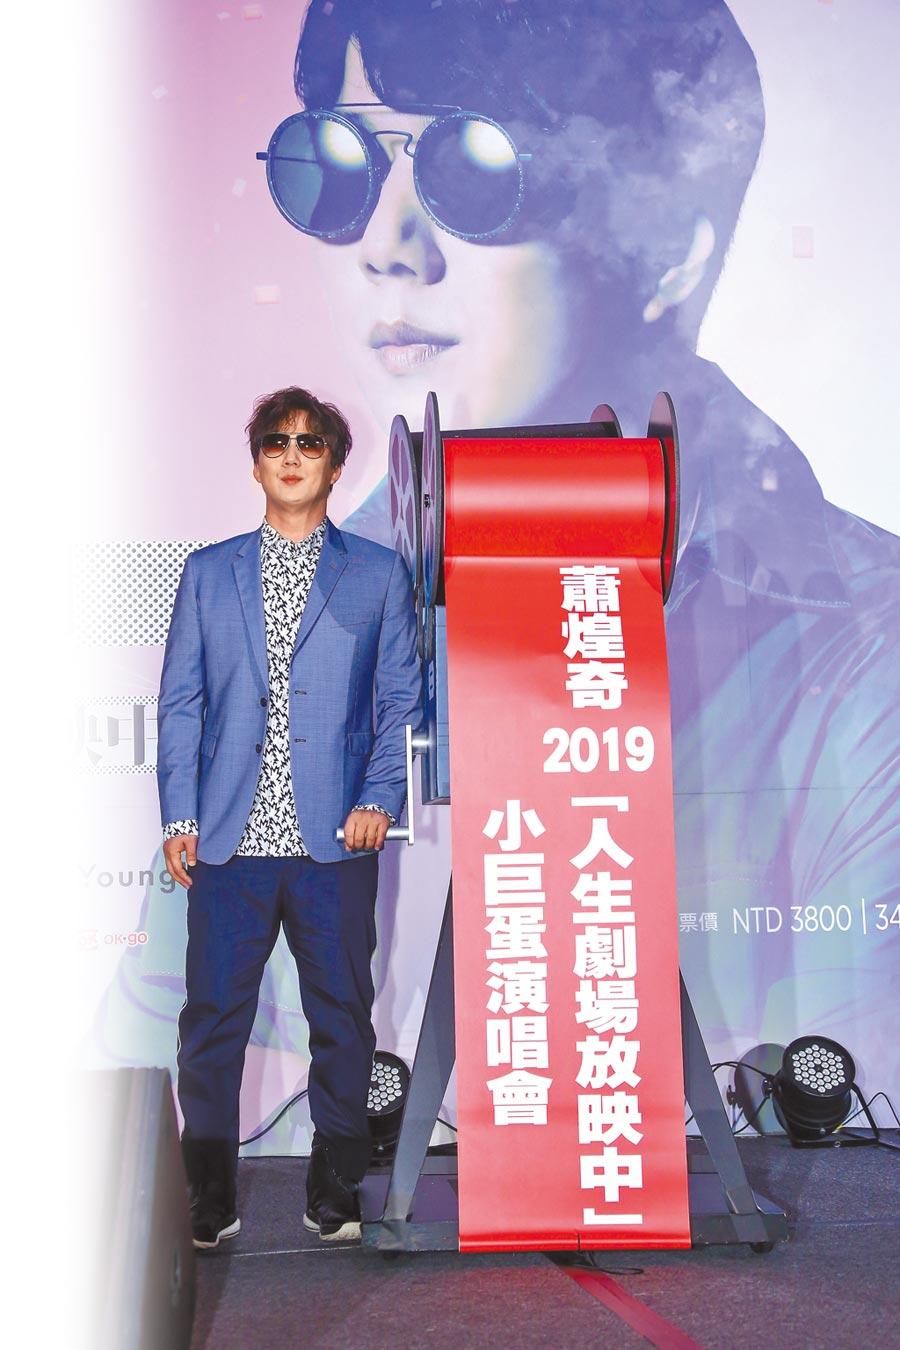 蕭煌奇昨宣布,11月30日於台北小巨蛋舉行《人生劇場放映中》演唱會。(羅永銘攝)